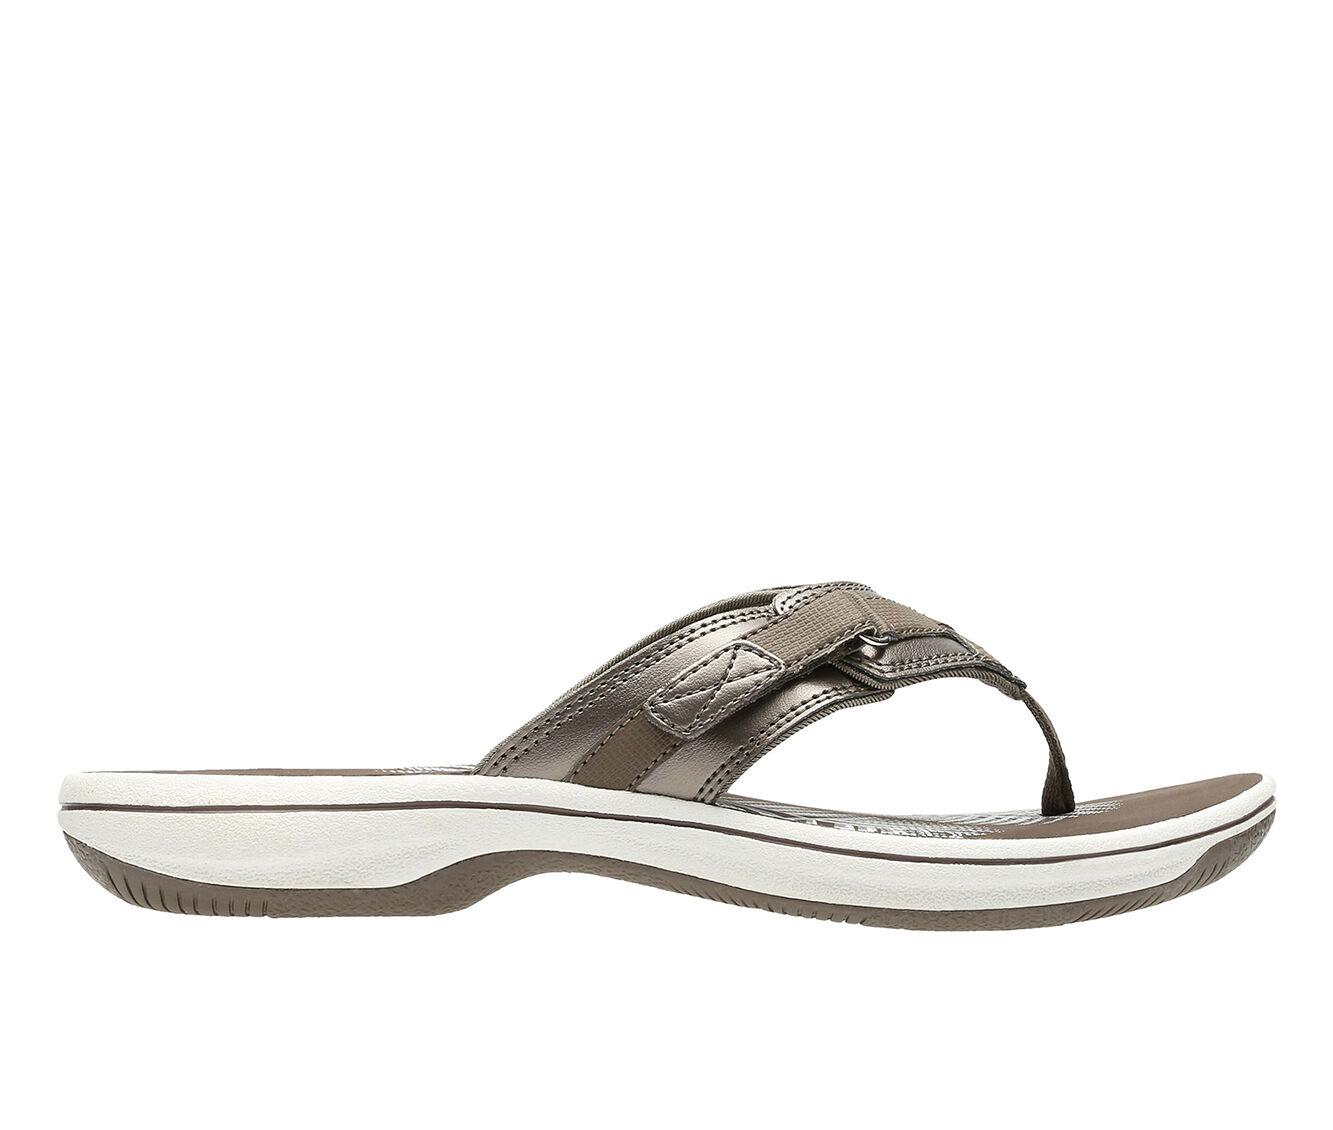 Women's Clarks Breeze Sea Sandals Pewter Syn